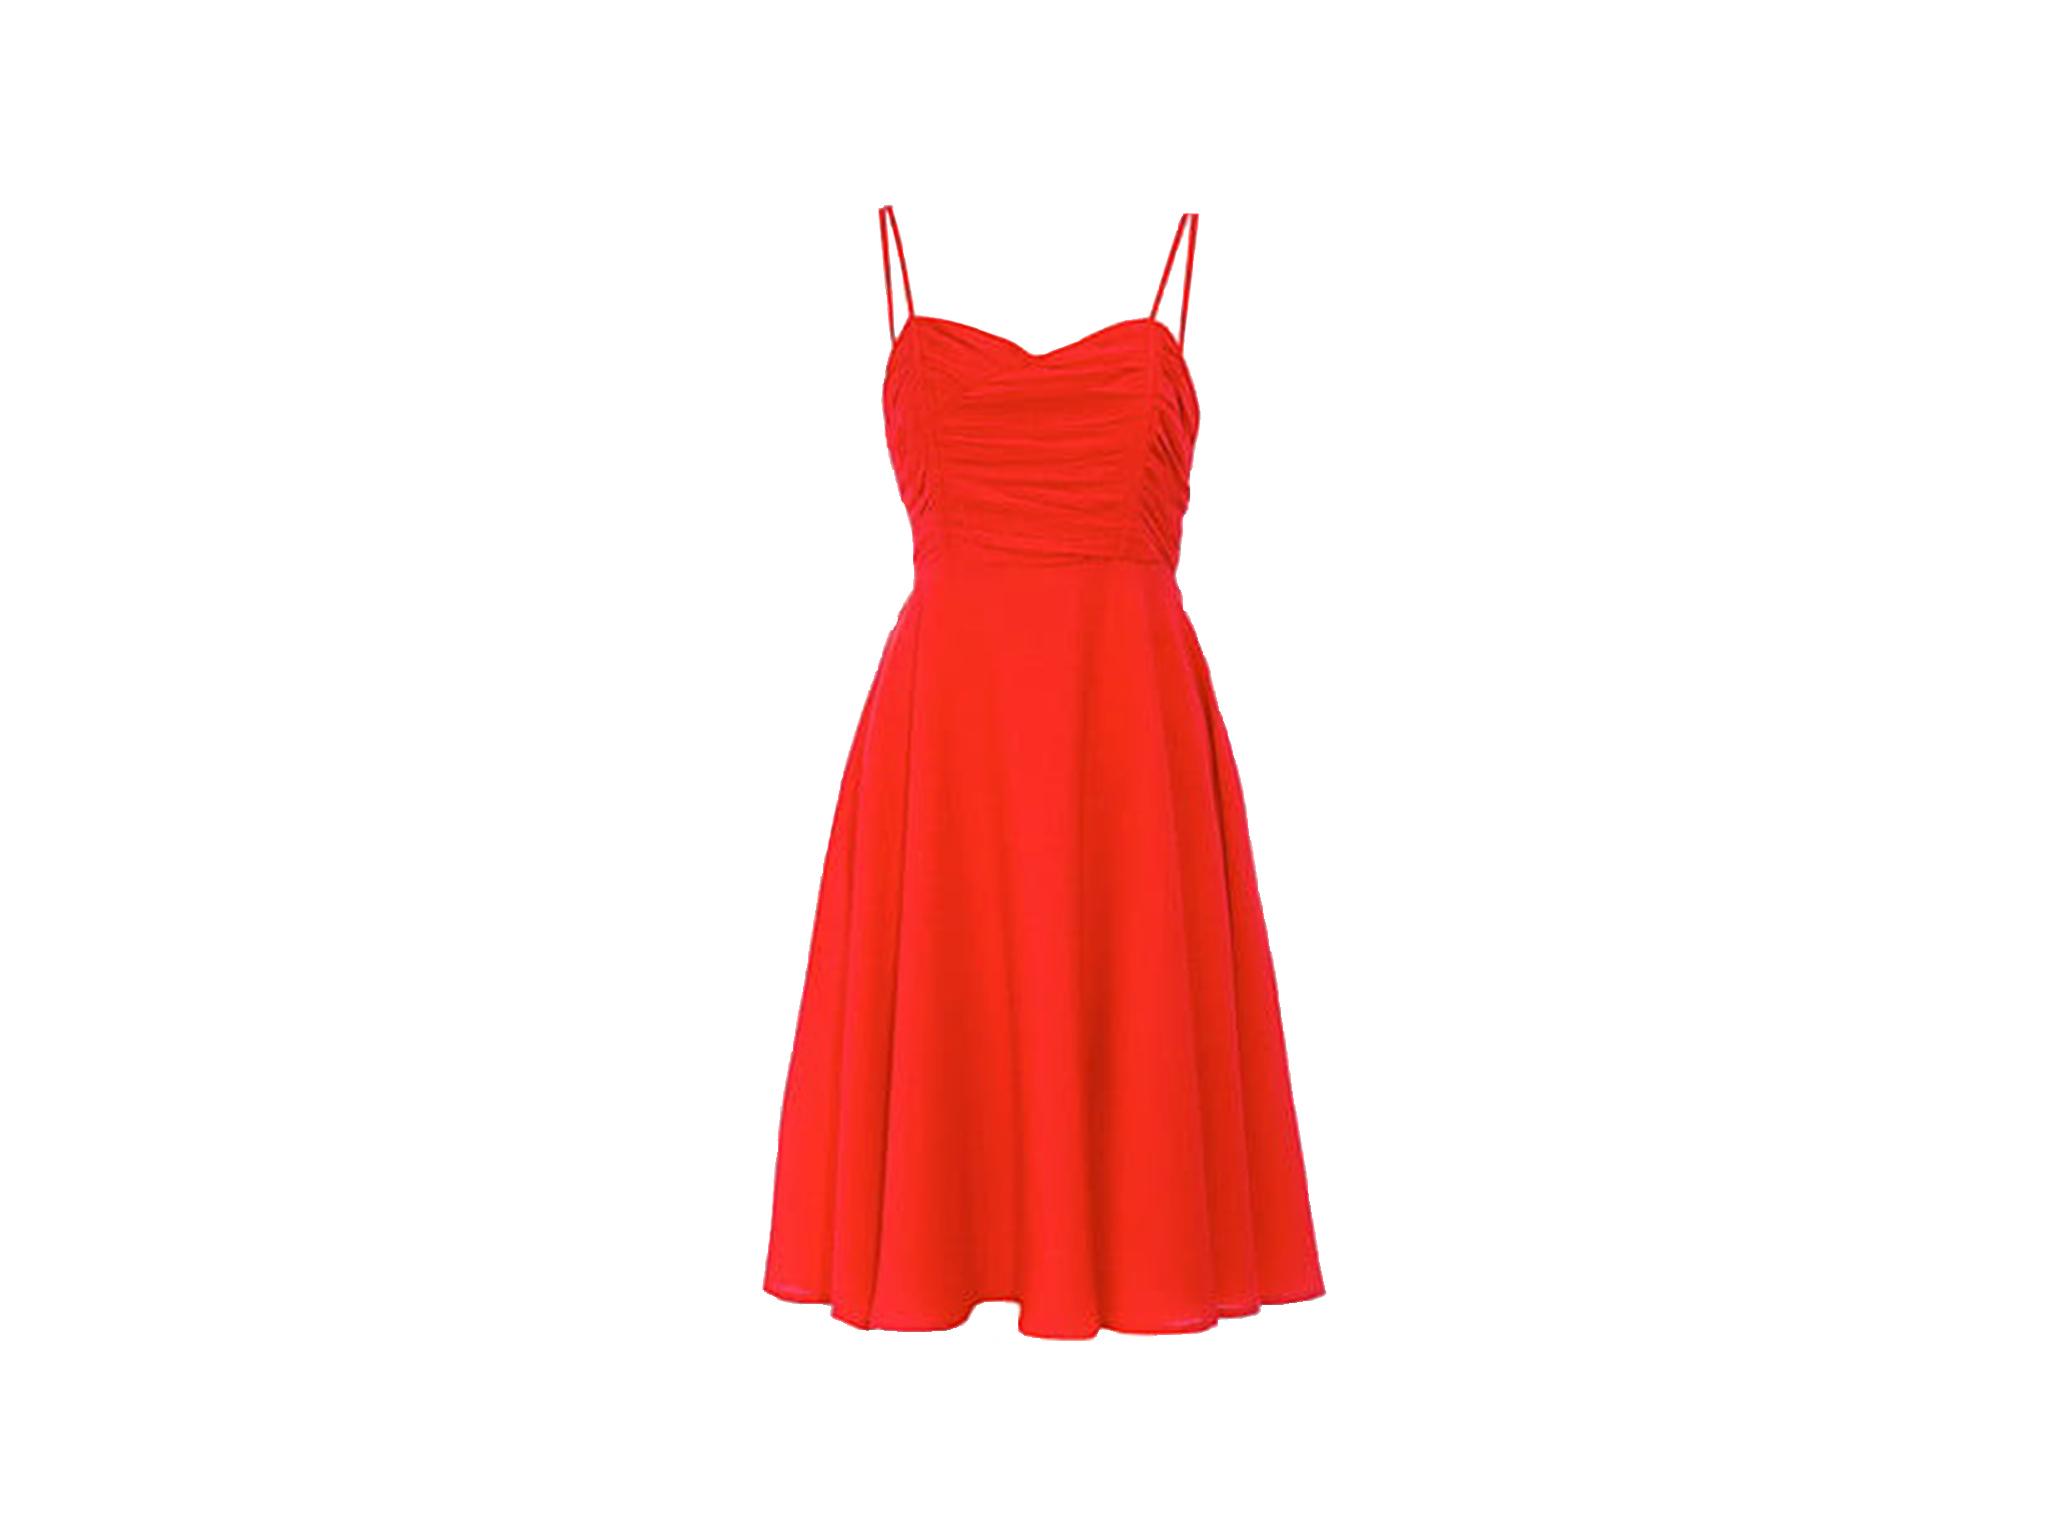 Vestido Vermelho, Trocas e Baldrocas